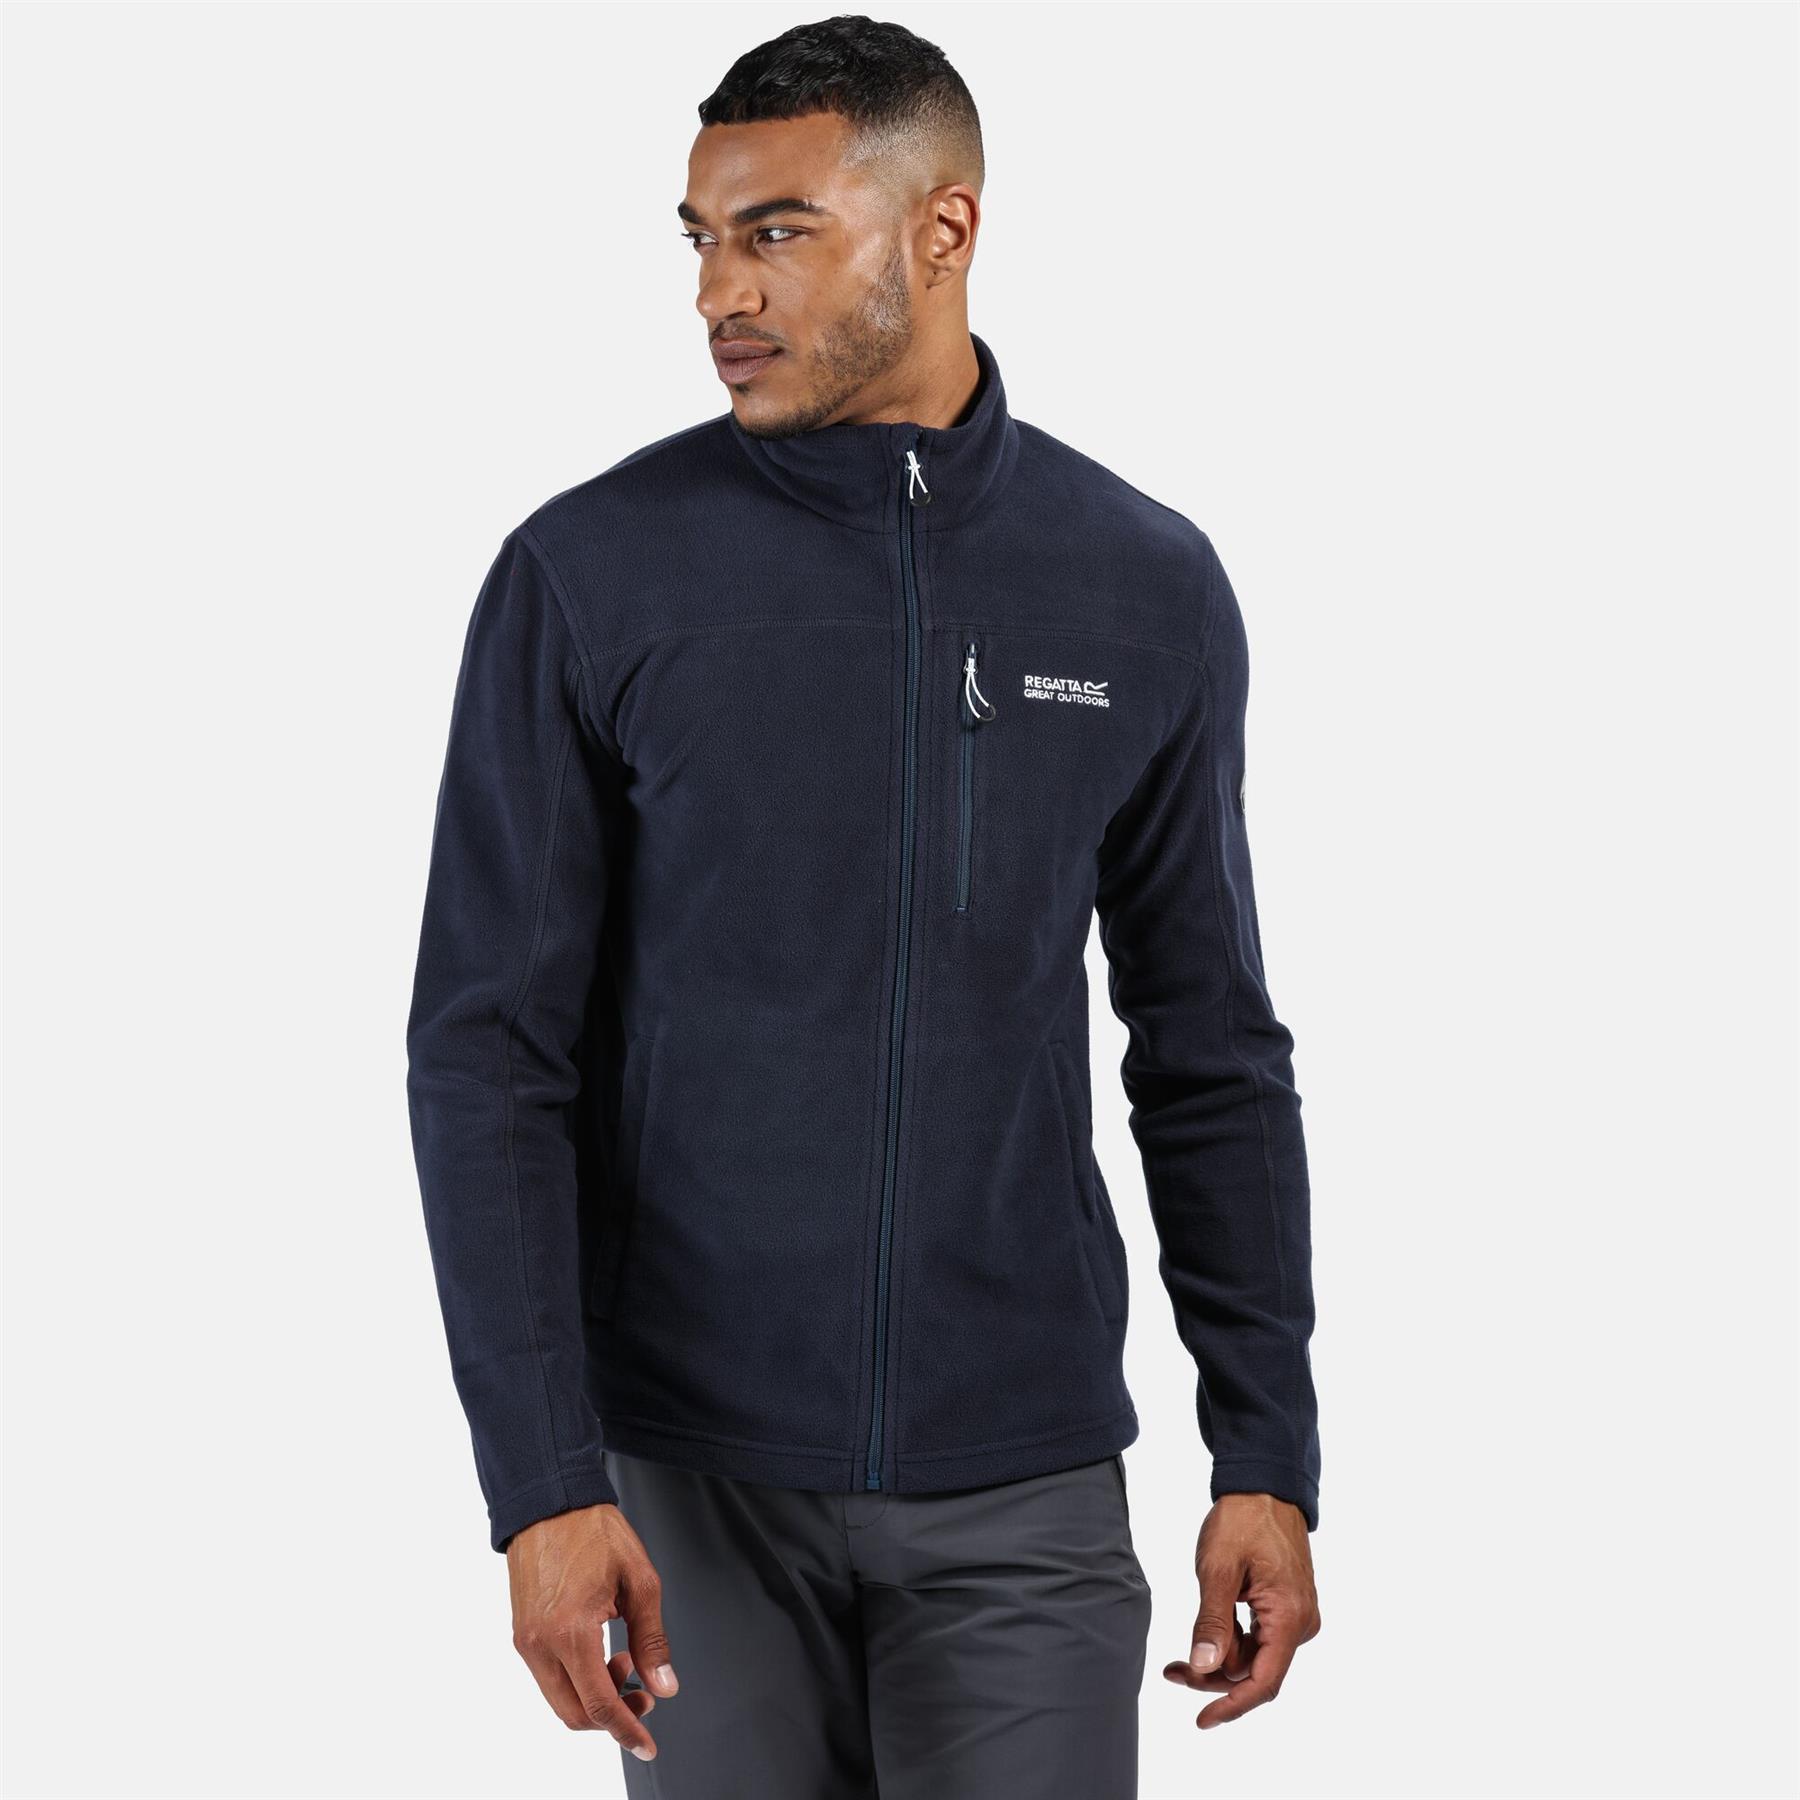 miniatuur 11 - Regatta Mens Fellard Fleece Jacket Full Zip Up Coat S M L XL 2XL 3XL 4XL